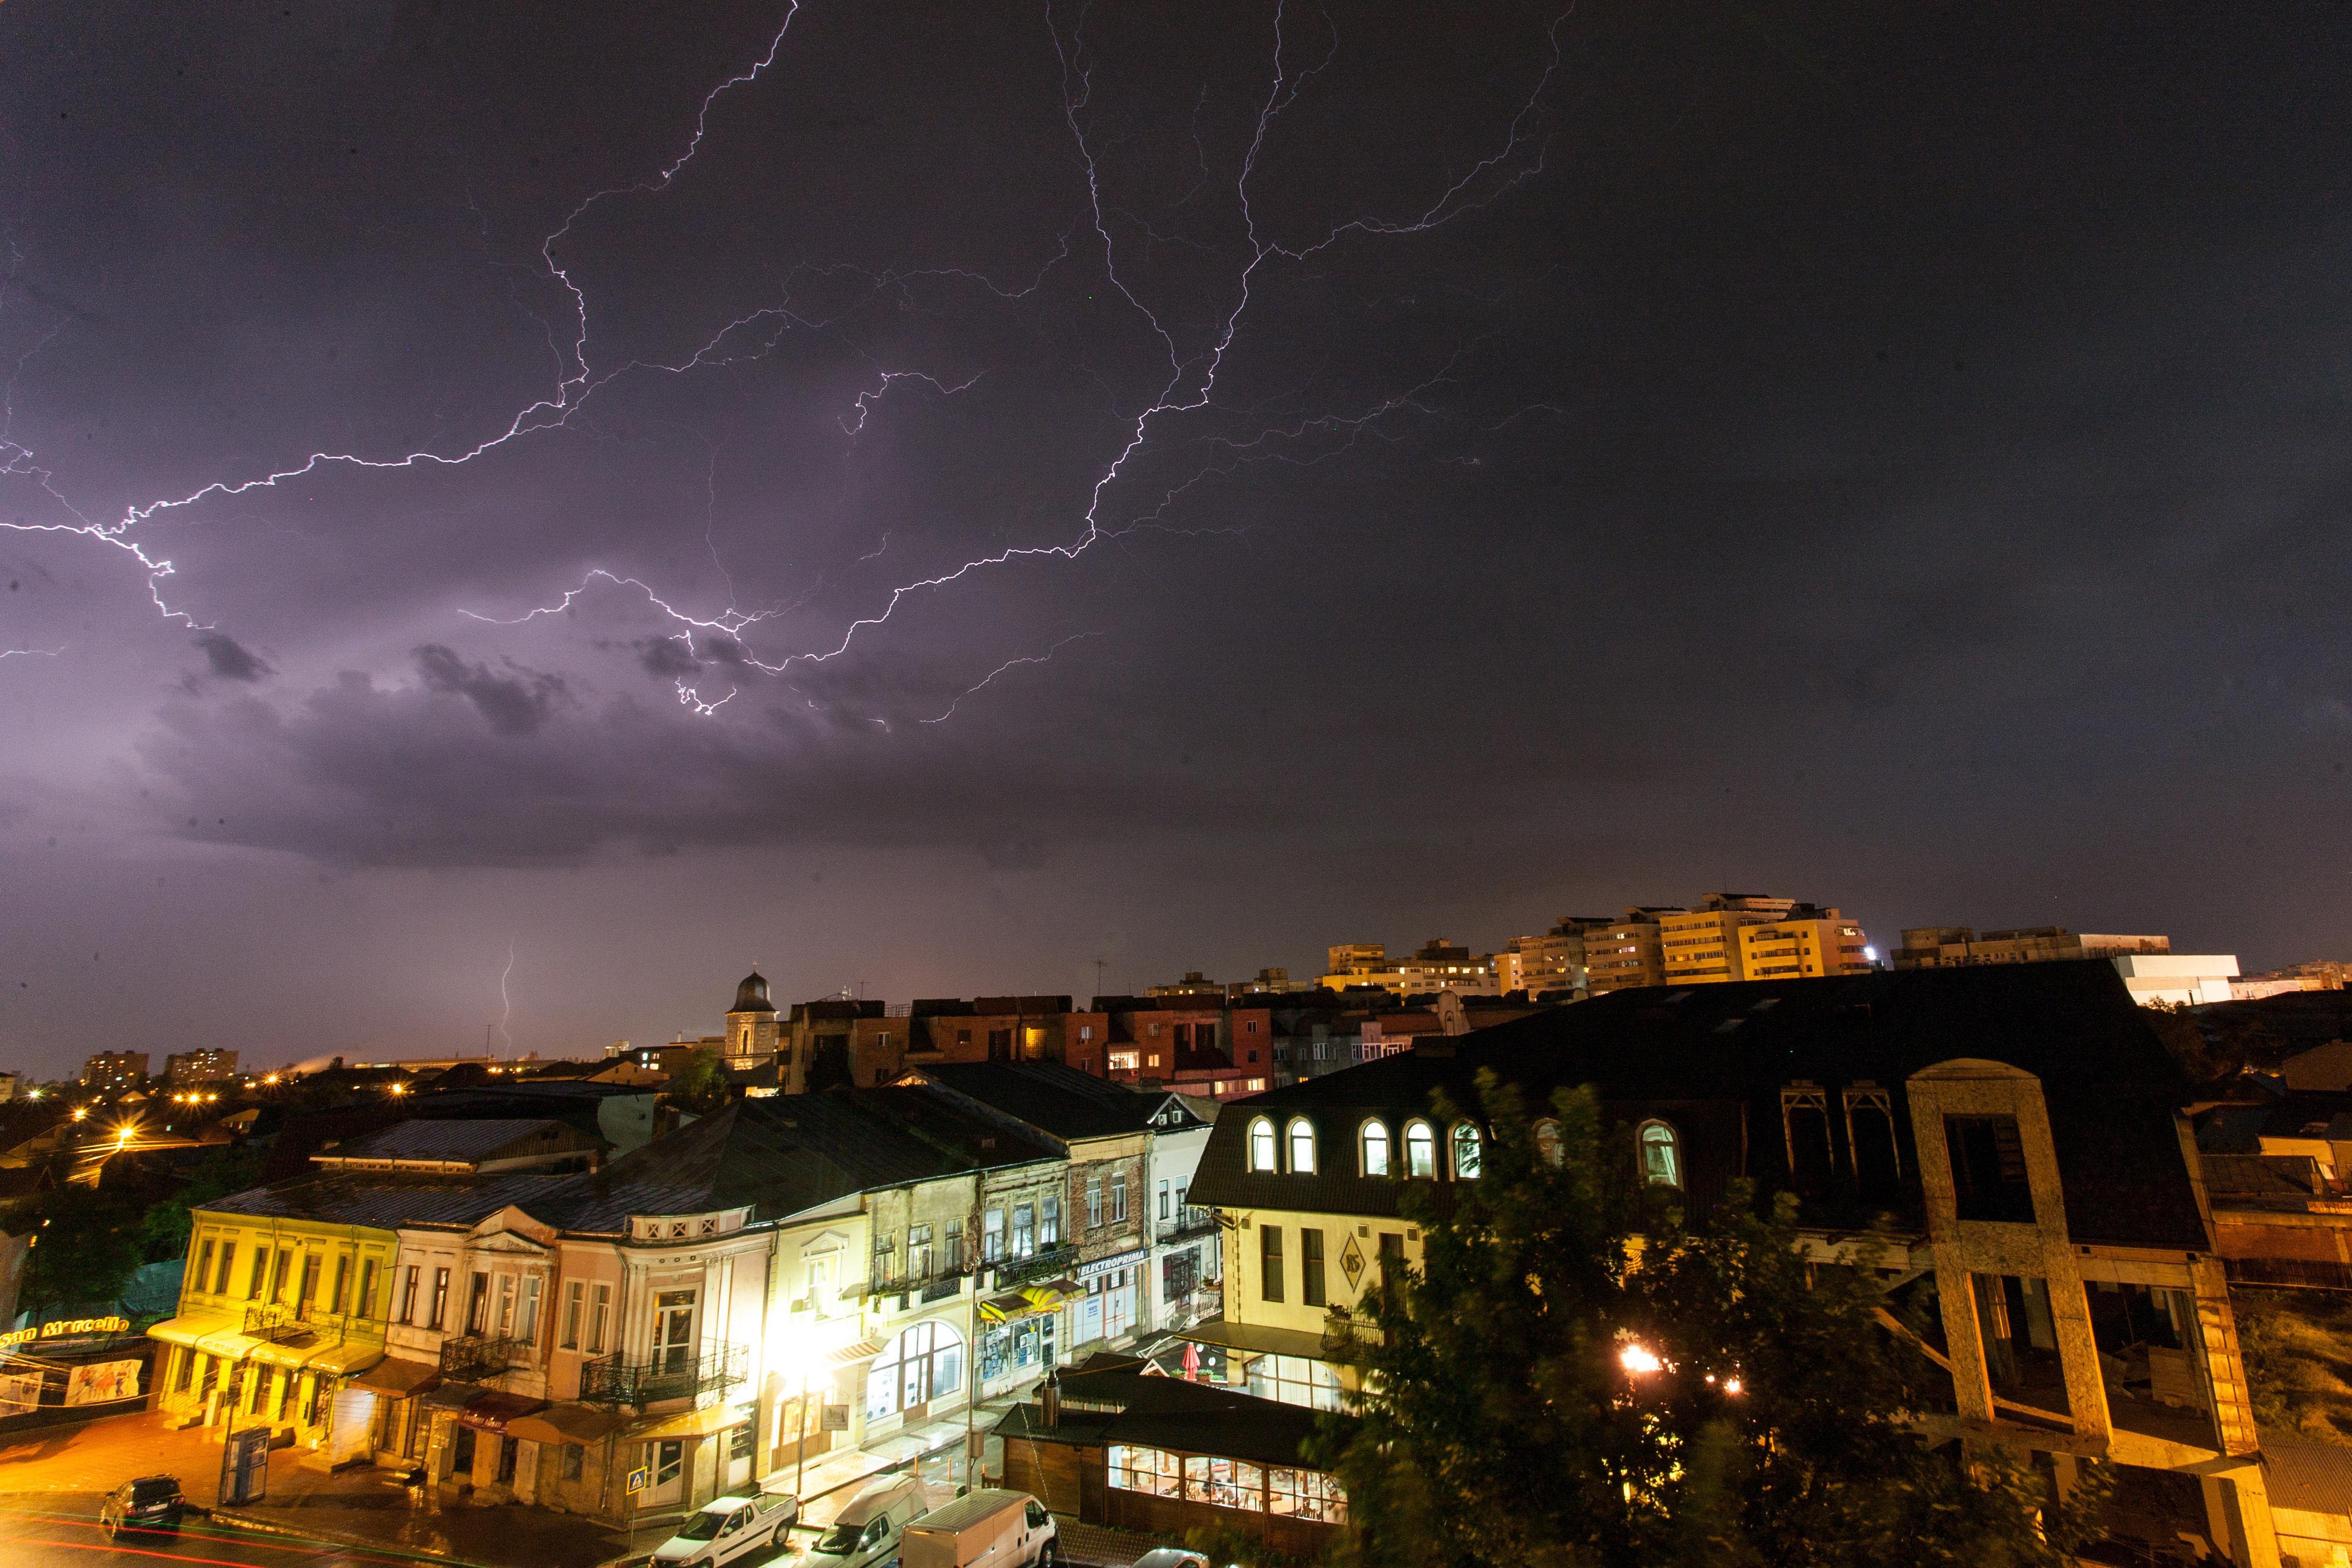 COD GALBEN de ploi în Bucureşti şi Ilfov, până la ora 23.00